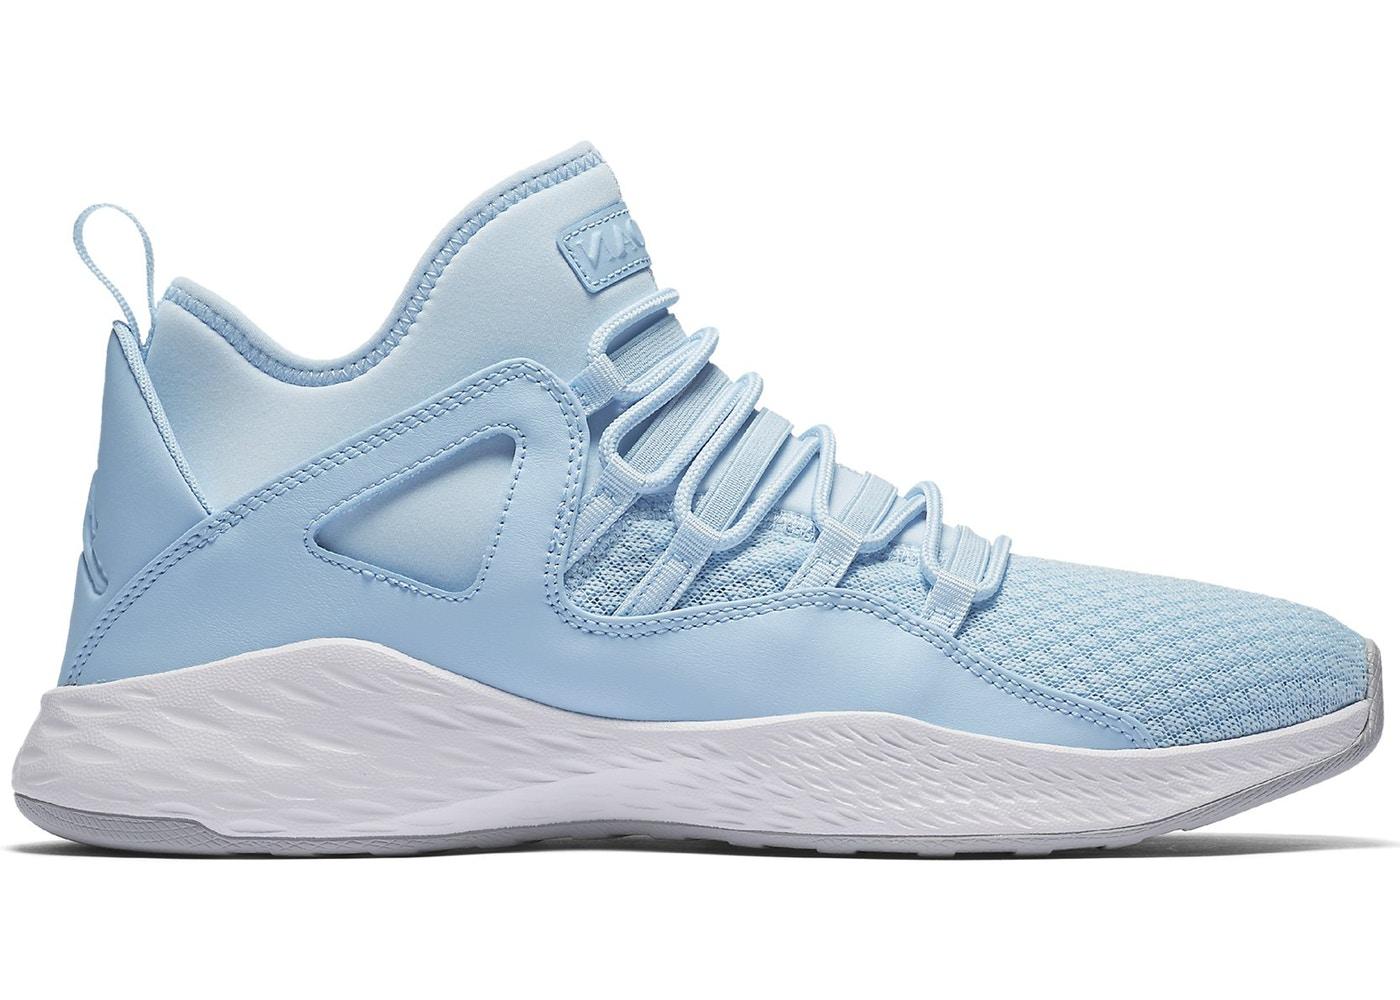 人気新品入荷 ジョーダン JORDAN スニーカー ICE 【 】 ナイキ BLUE BLUEWOLF FORMULA 送料無料:スニーカーケース GREY 店 23 メンズ-メンズ靴